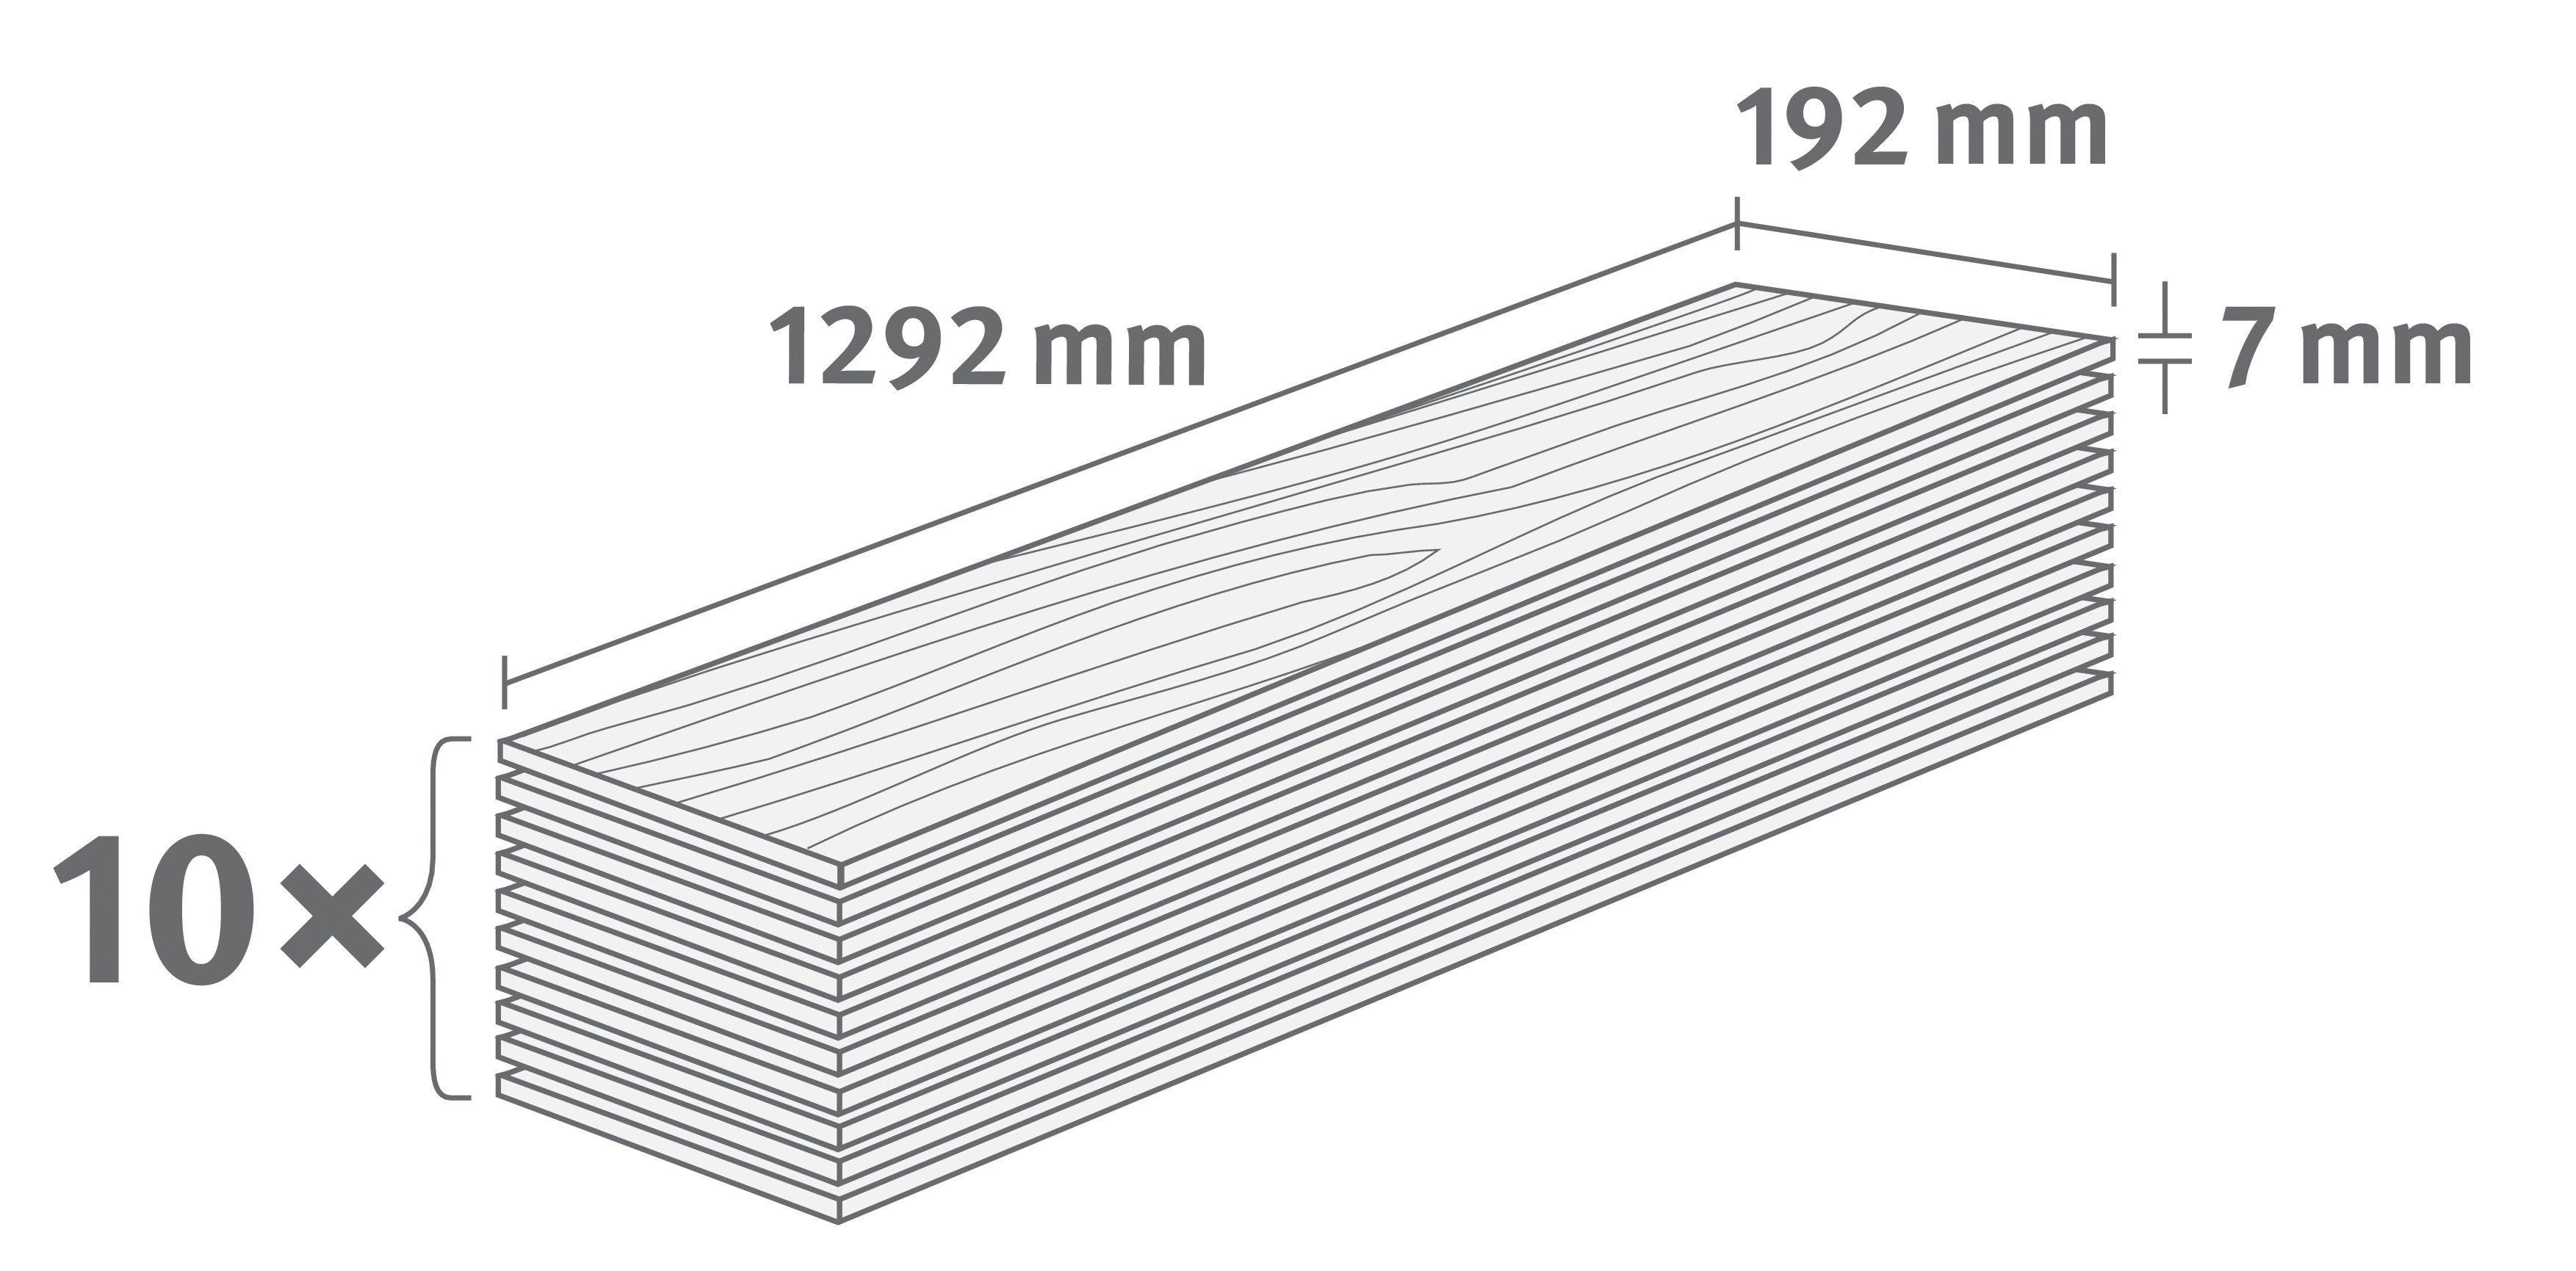 EGGER Laminat »EGGER BASIC Kanadische Fichte«, 1292 x 192 mm, Stärke: 7 mm